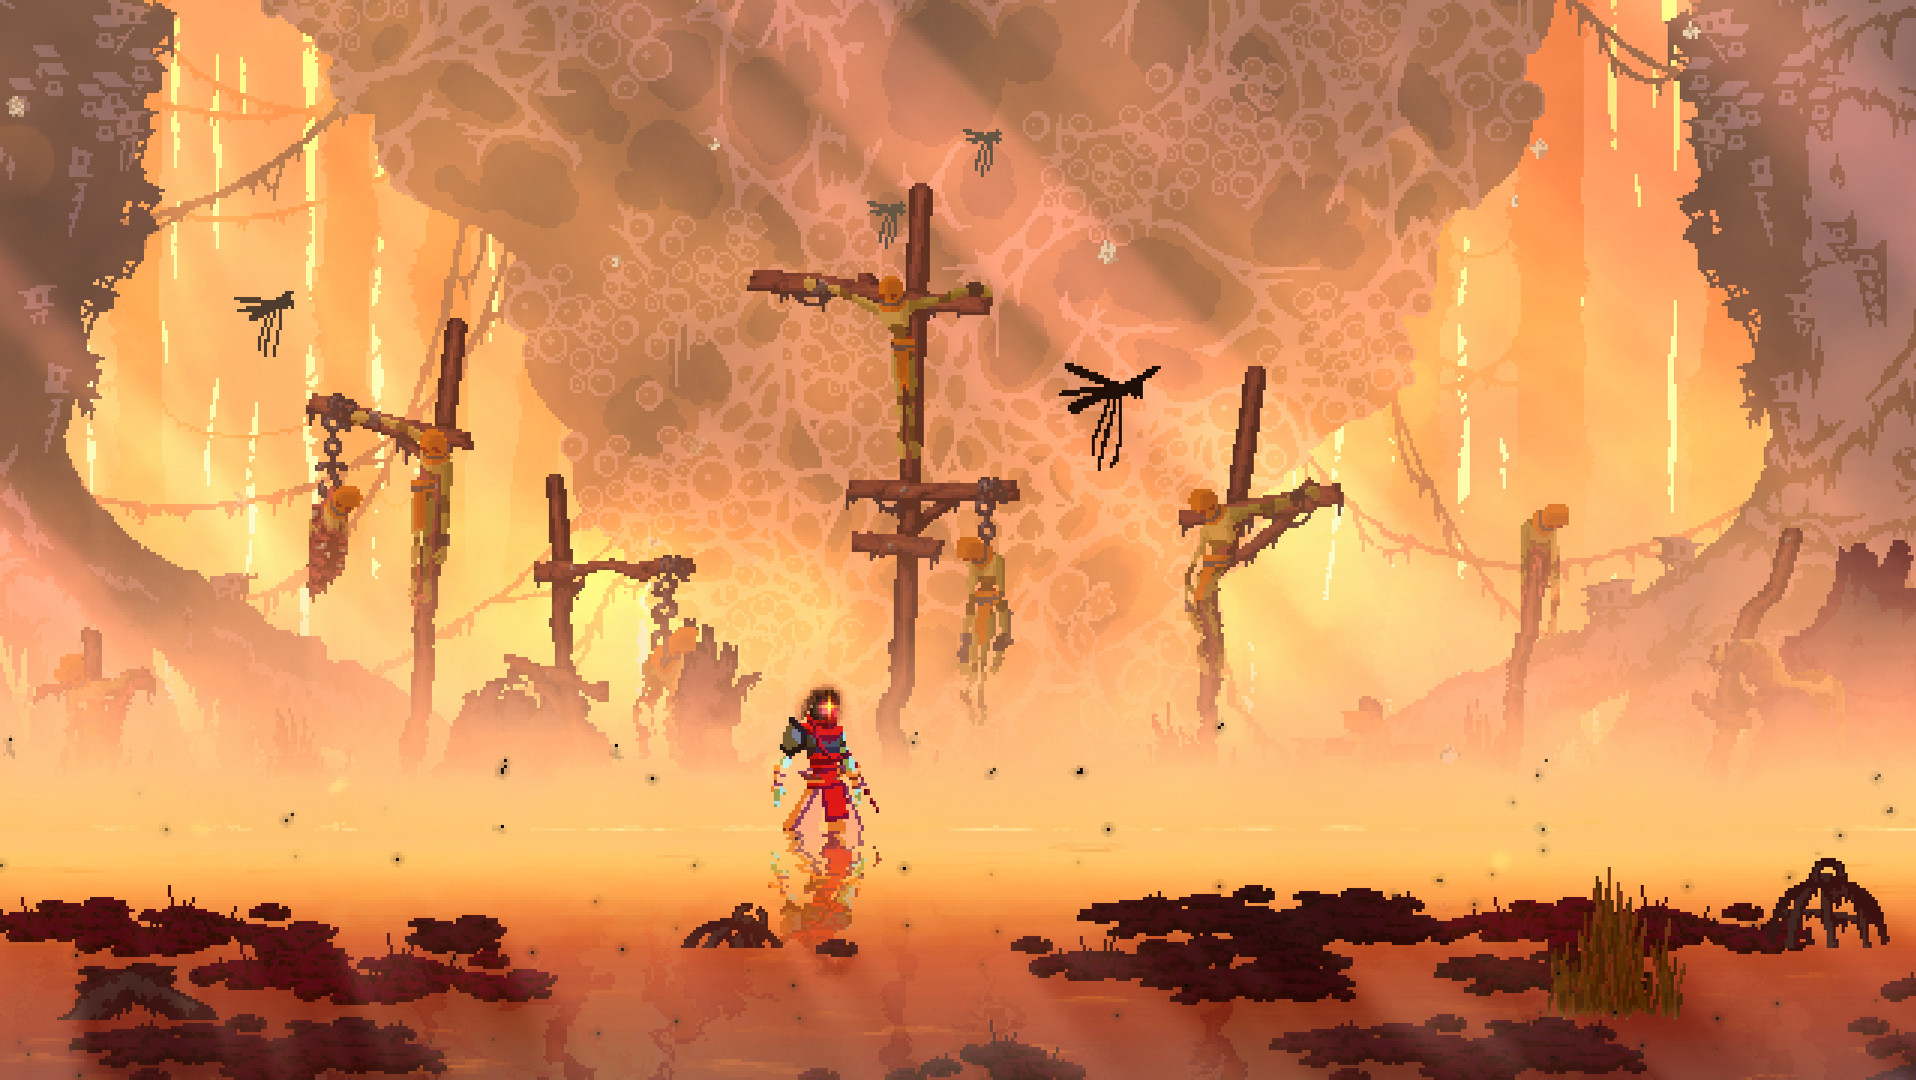 死亡细胞-豪华版V25.915-(全DLC-坏种+巨人崛起+致命坠落+原声带)插图10